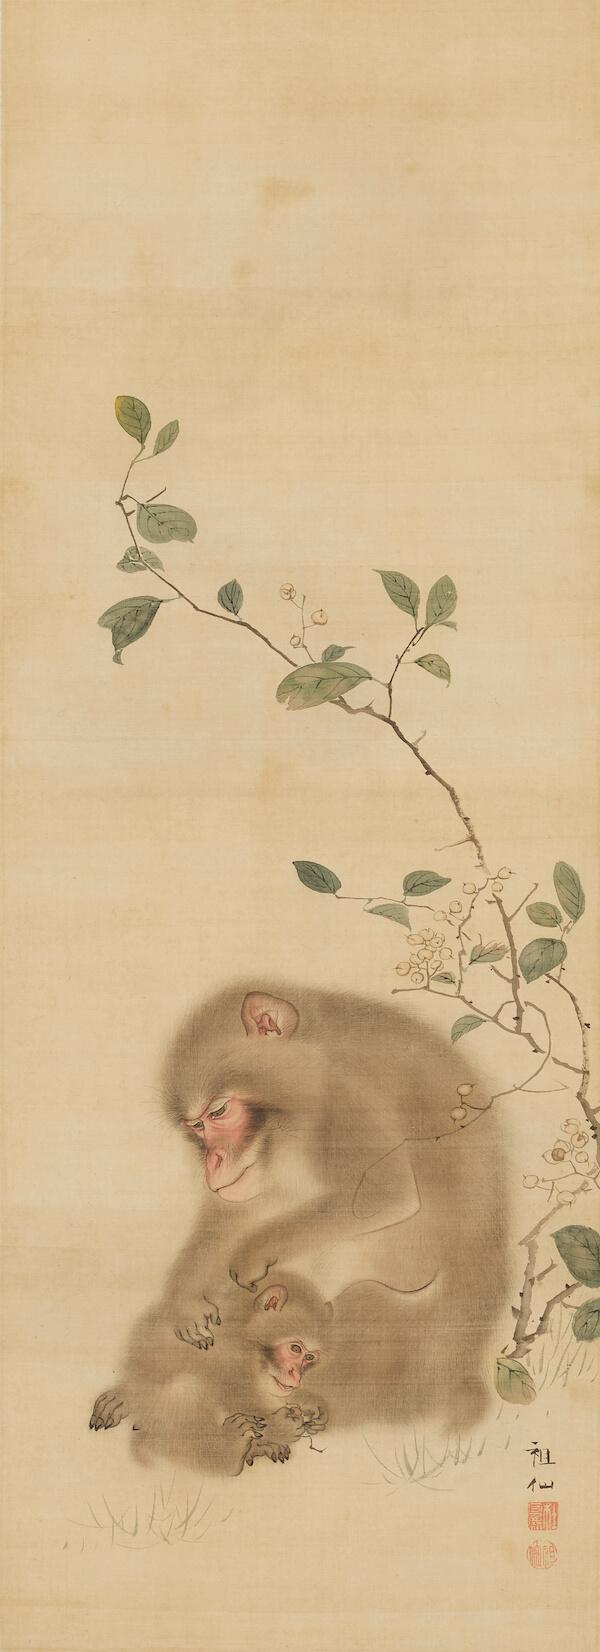 森祖仙 「親子猿図」 福田美術館蔵